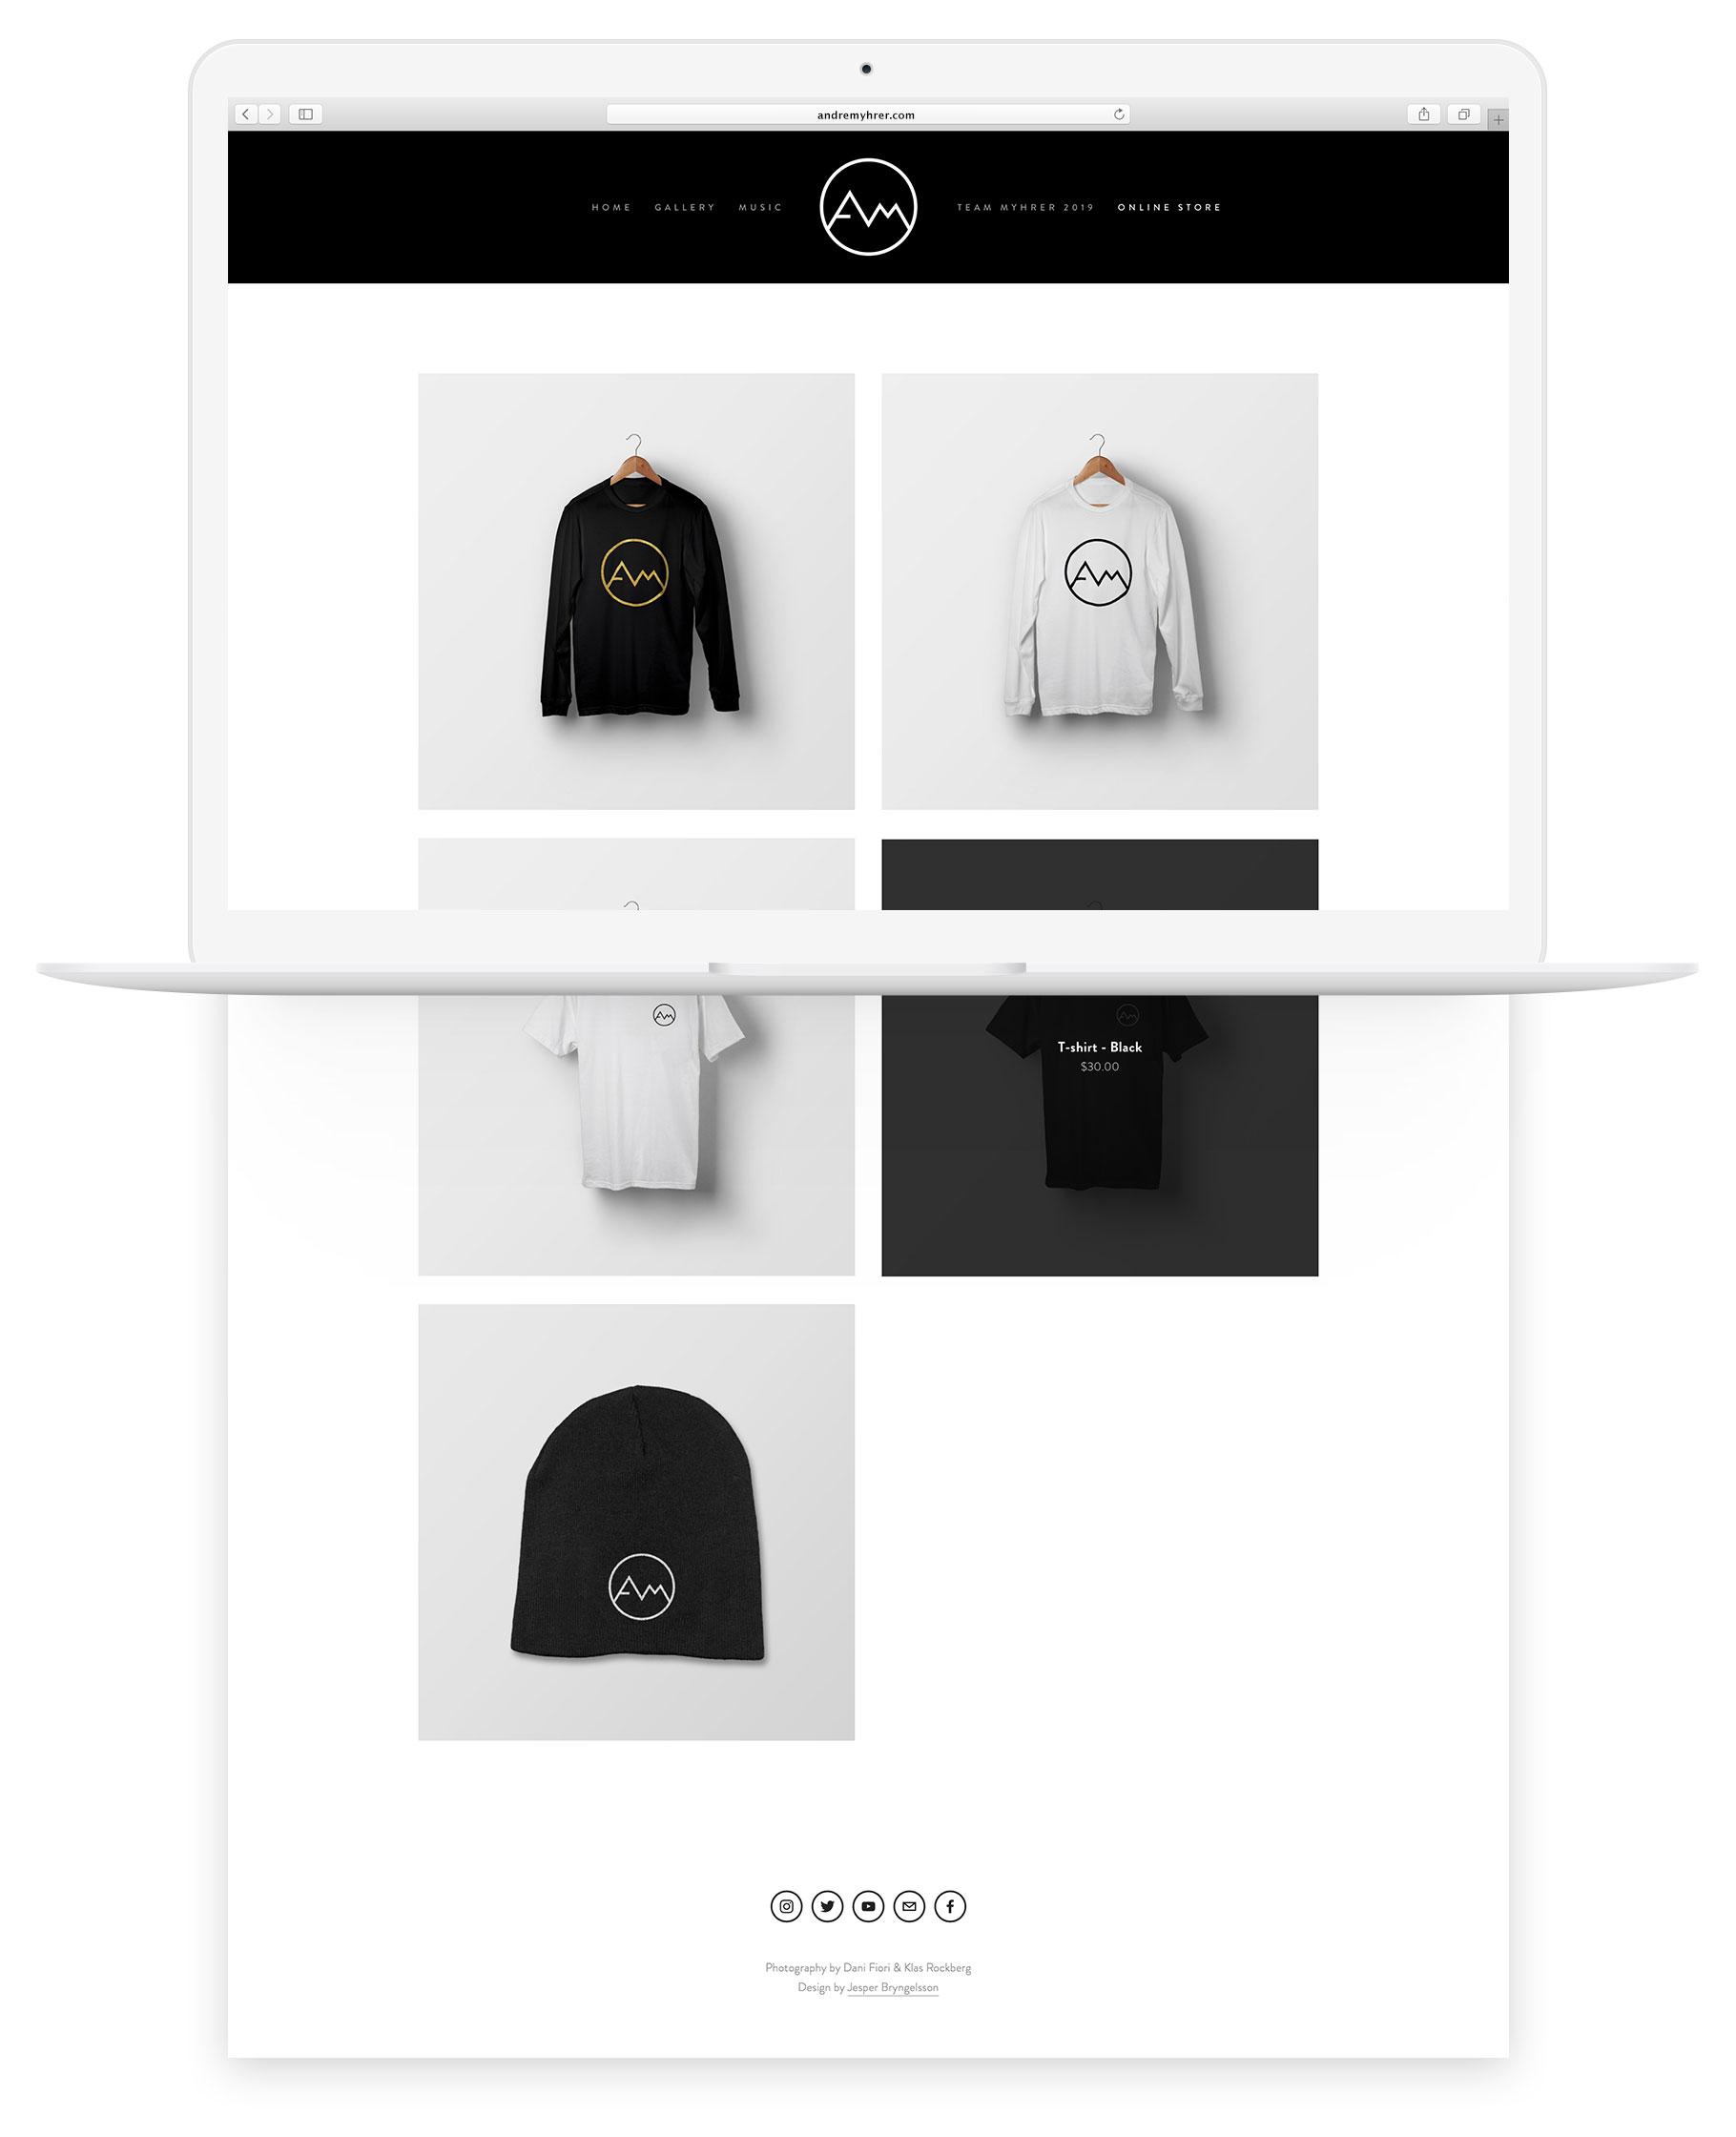 andre-myhrer-website-2